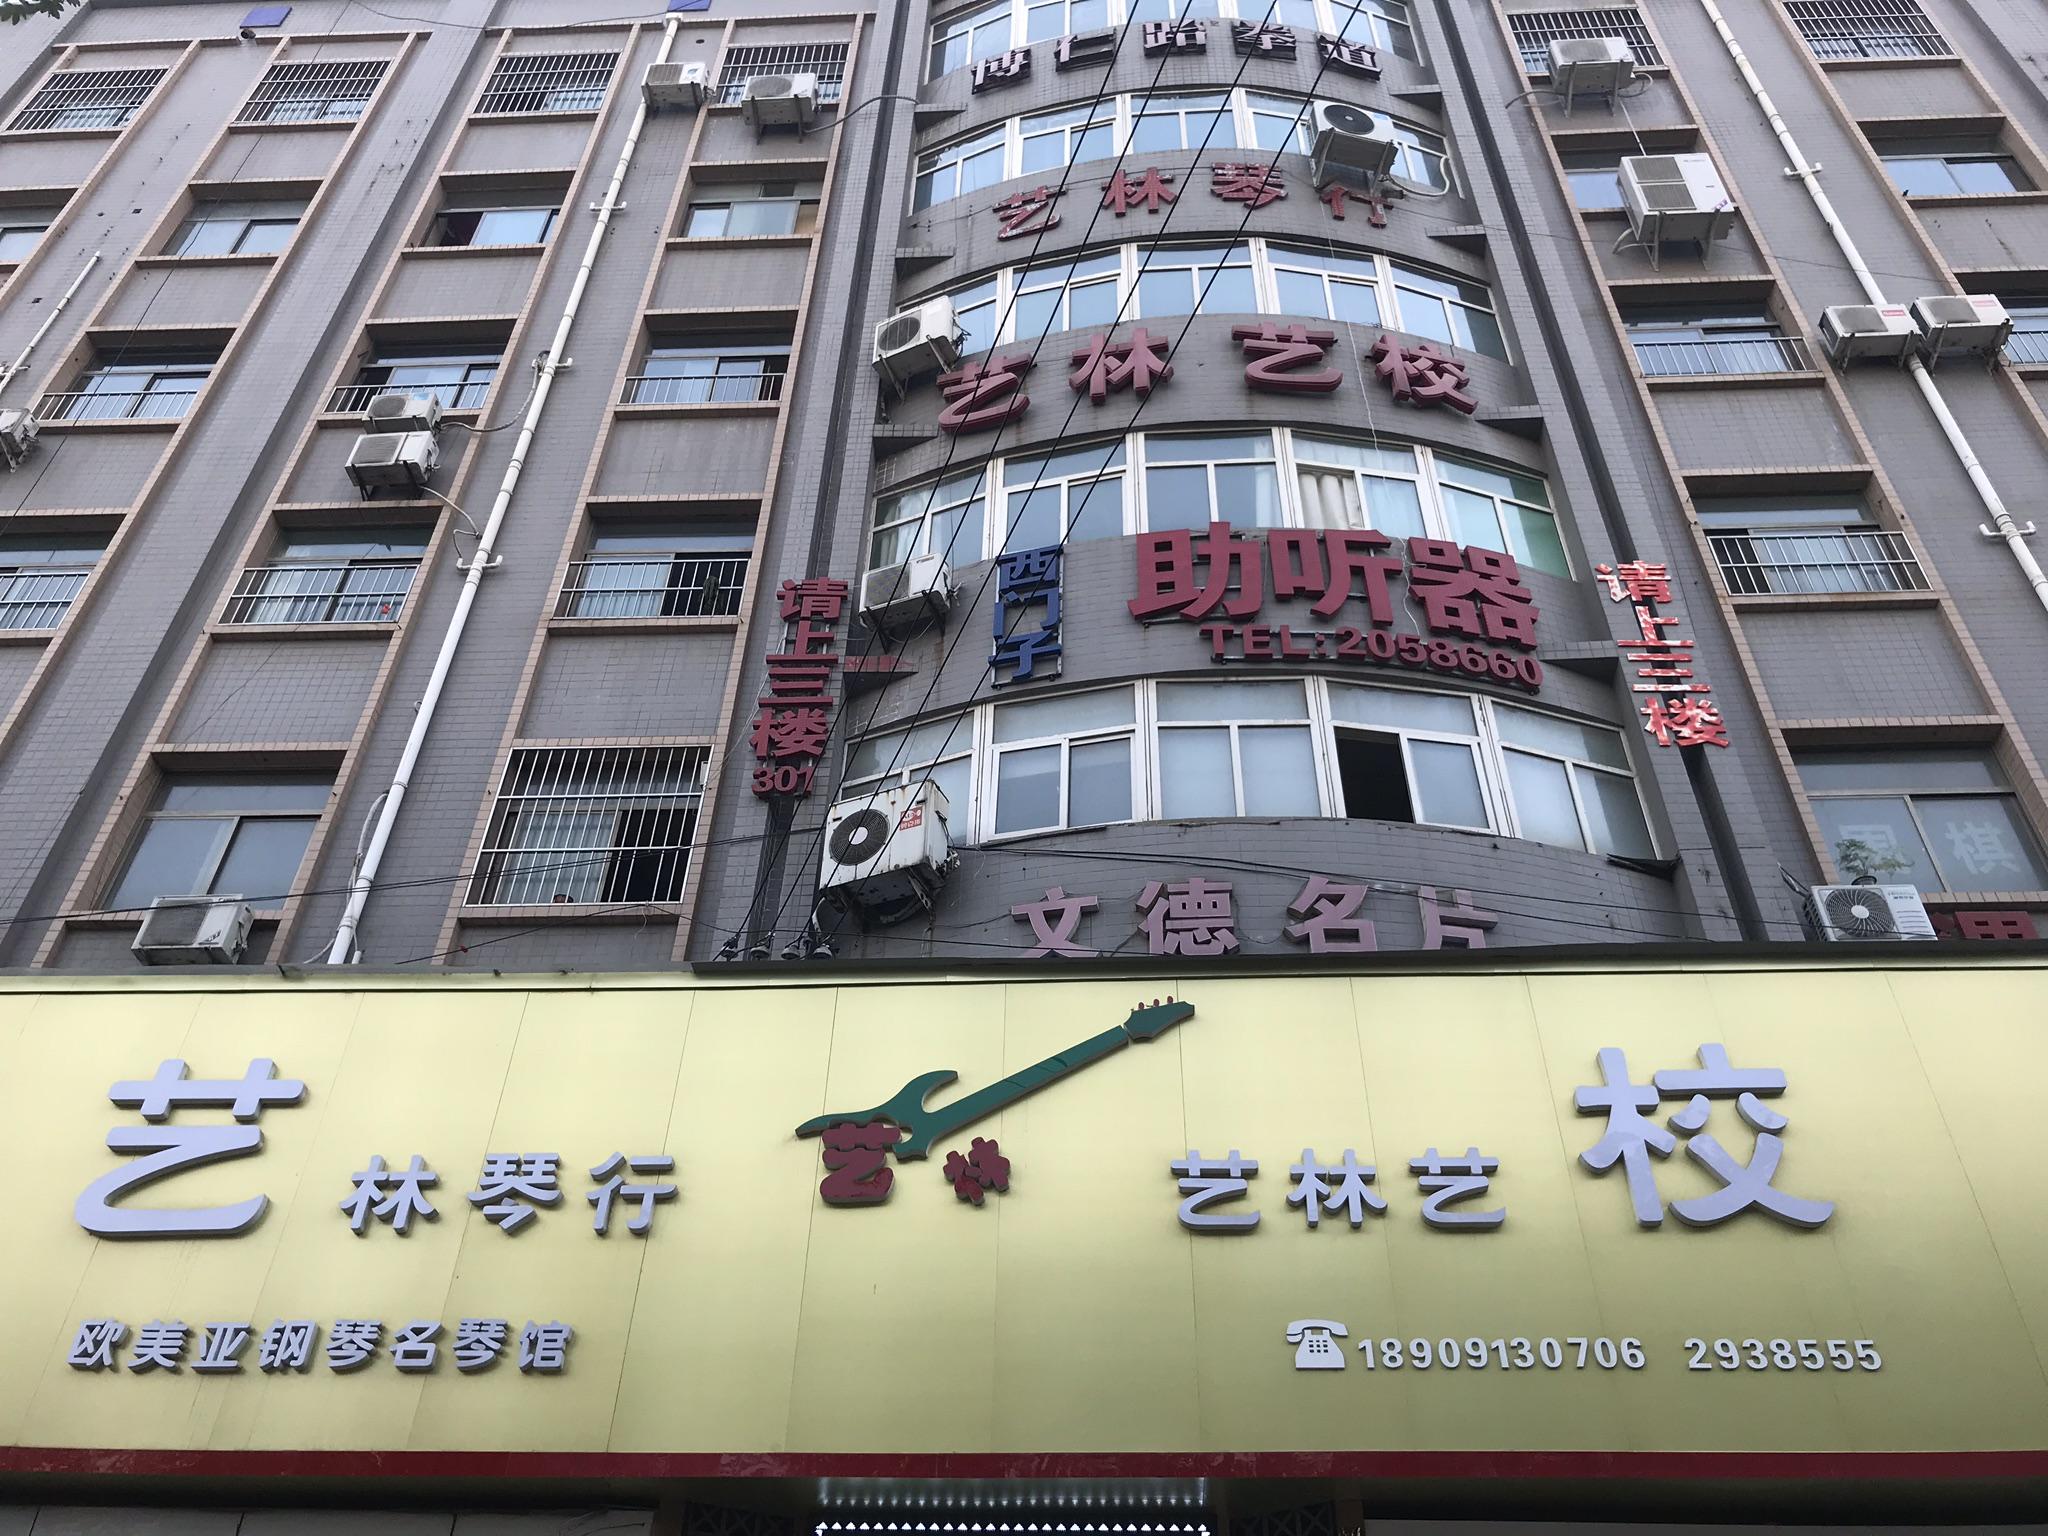 渭南市艺林琴行 艺林艺校